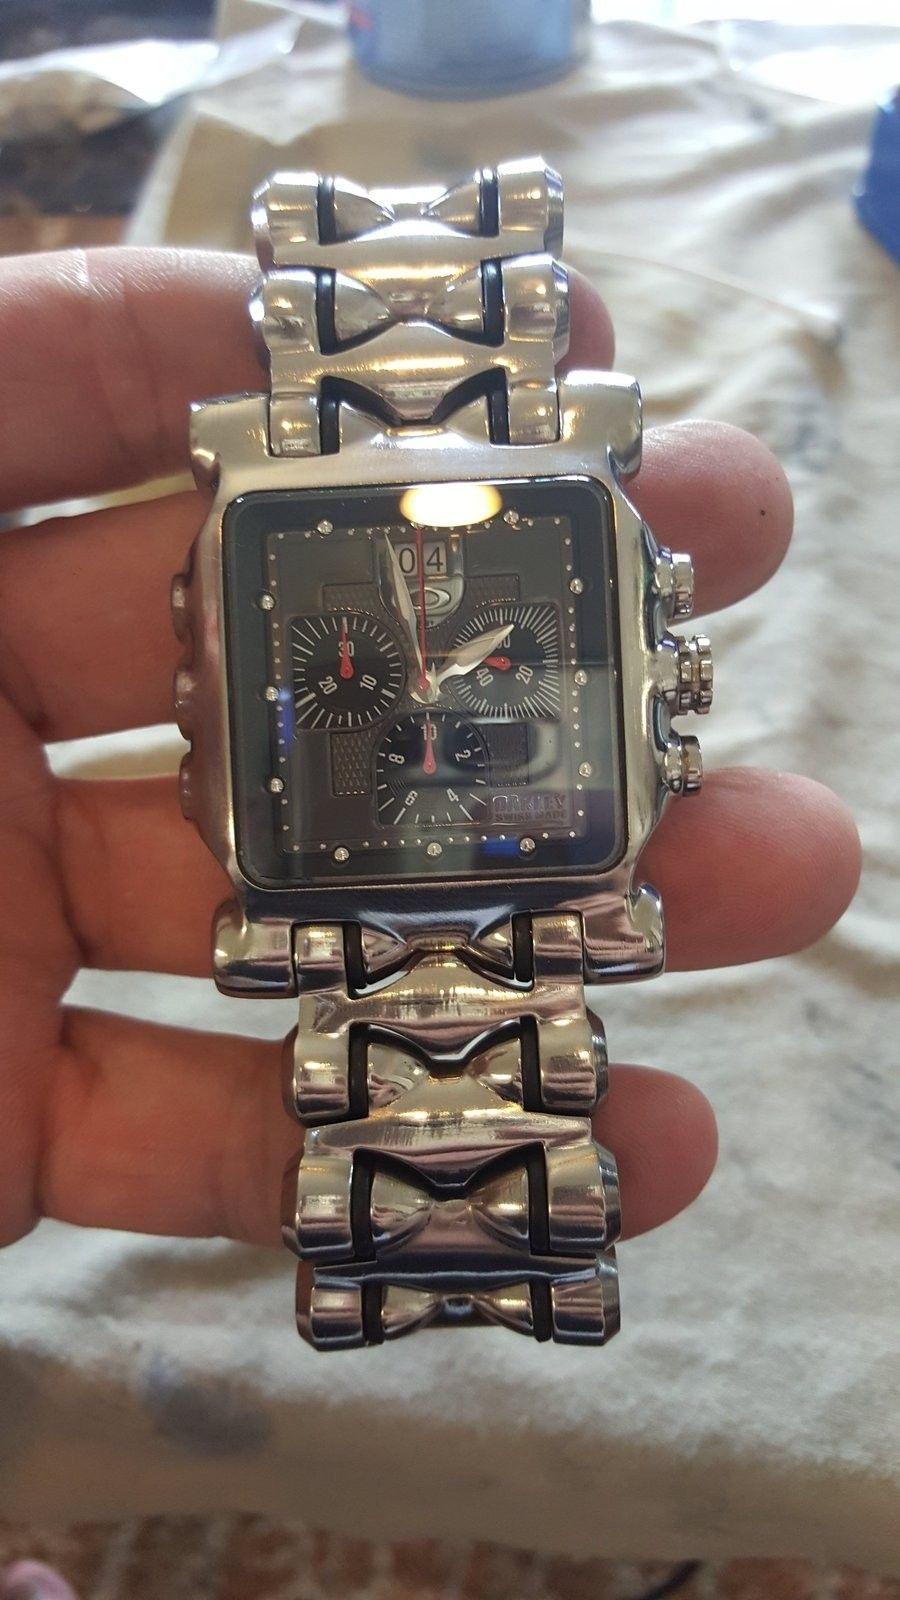 My first oakley watch - 20151104_135649.jpg